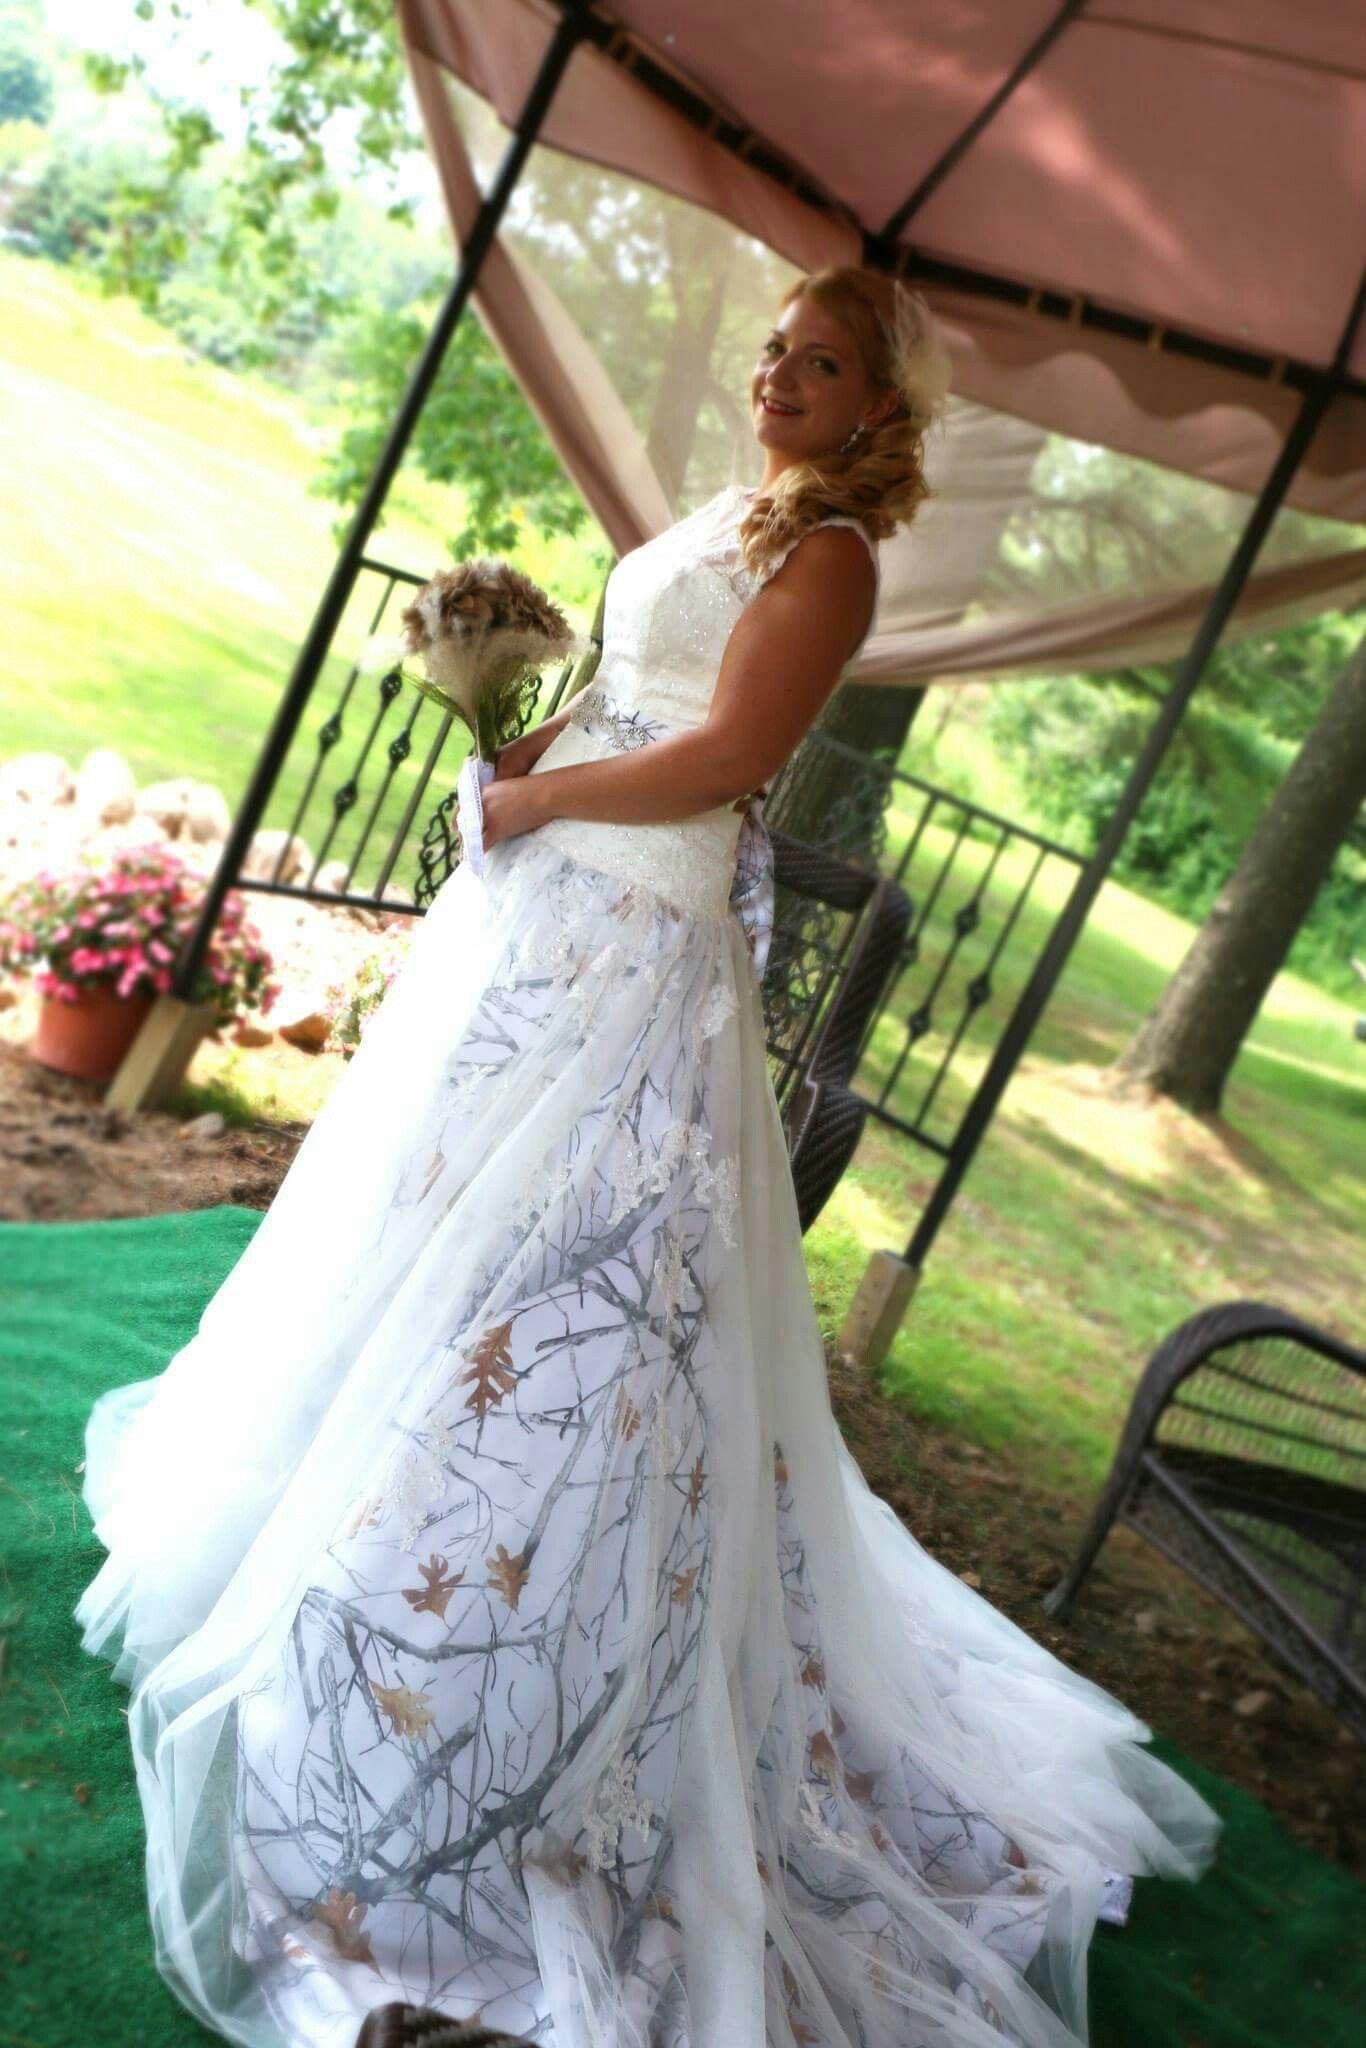 Blue camo wedding dresses  Snow camo weddingdresswedding dress camo  Camo Weddings